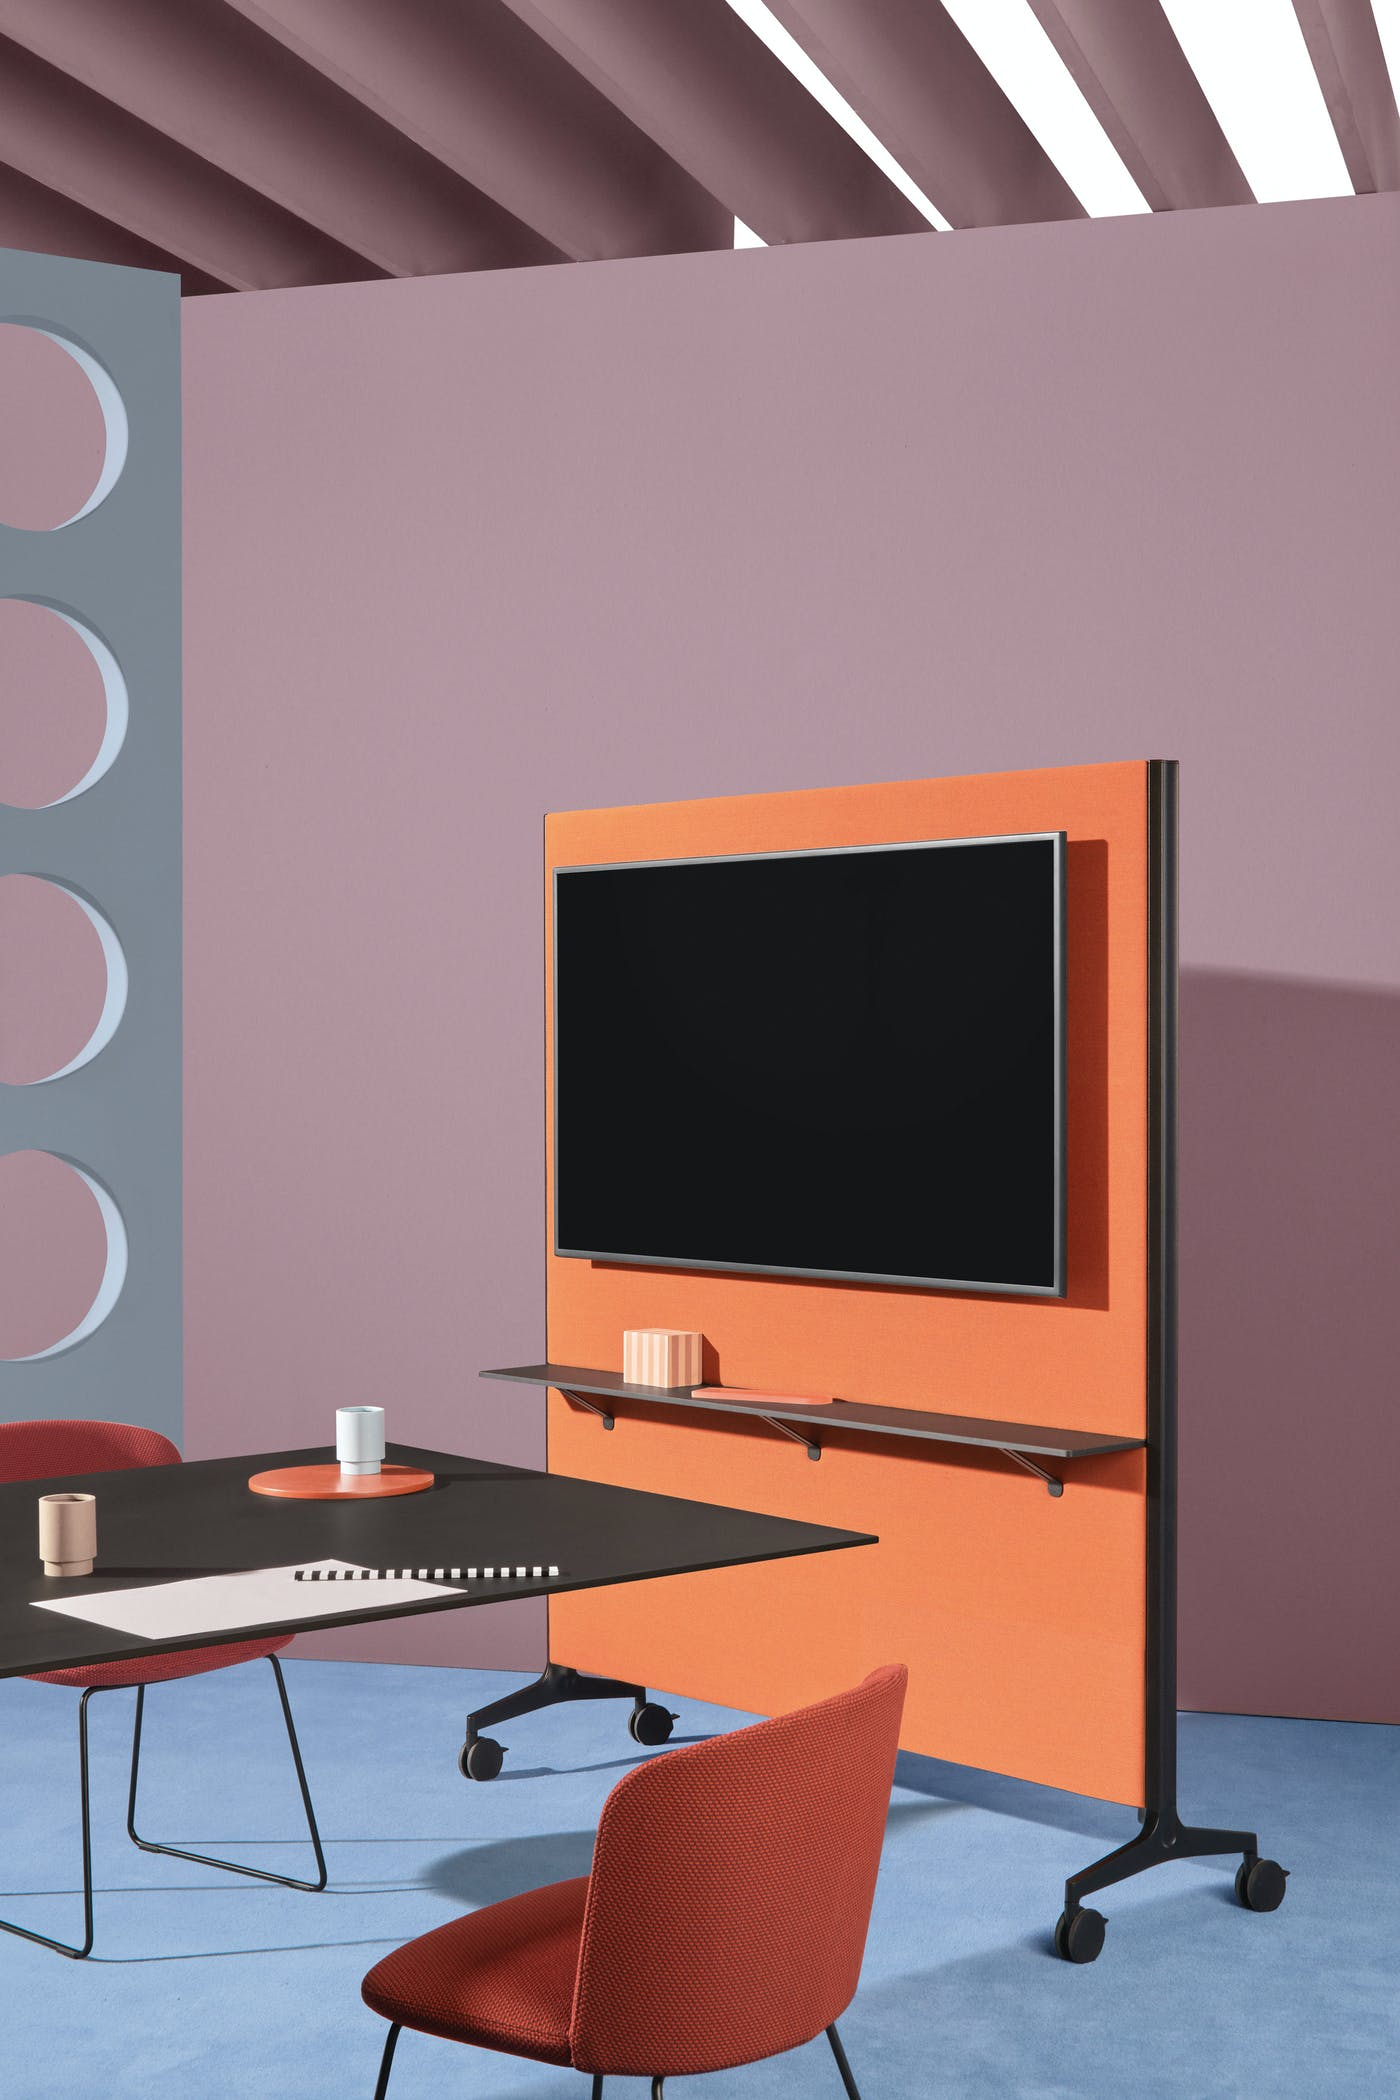 Pedrali Ypsilon Connect designed by Jorge Pensi art direction Studio FM photo Andrea Garuti 3